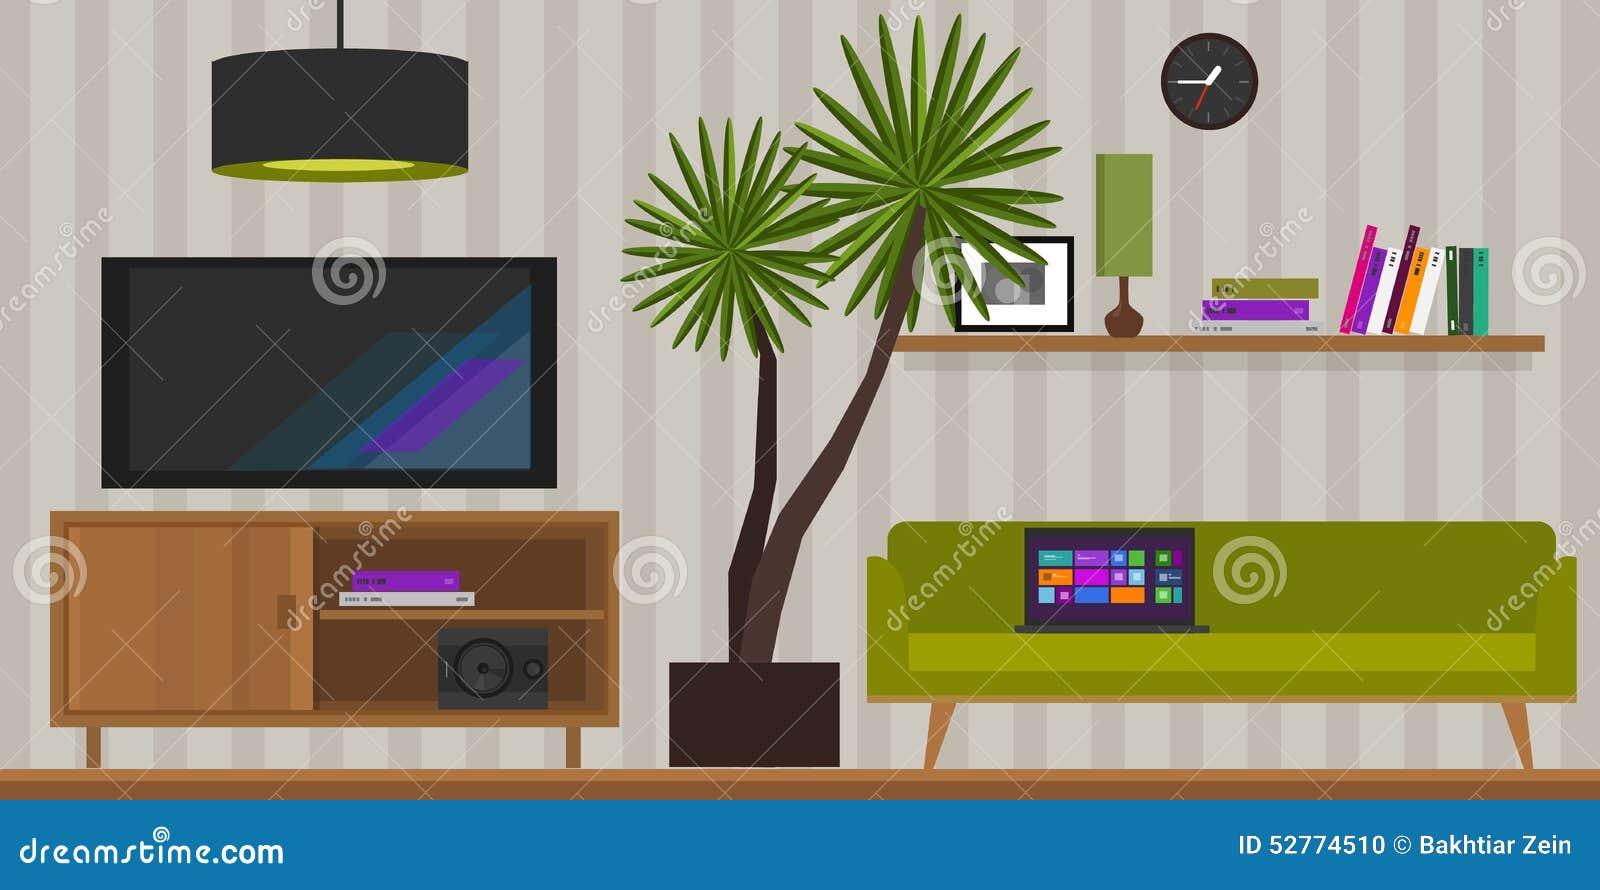 Living Room Home Interior Vector Illustration Stock Vector Illustration Of Elegant Contemporary 52774510